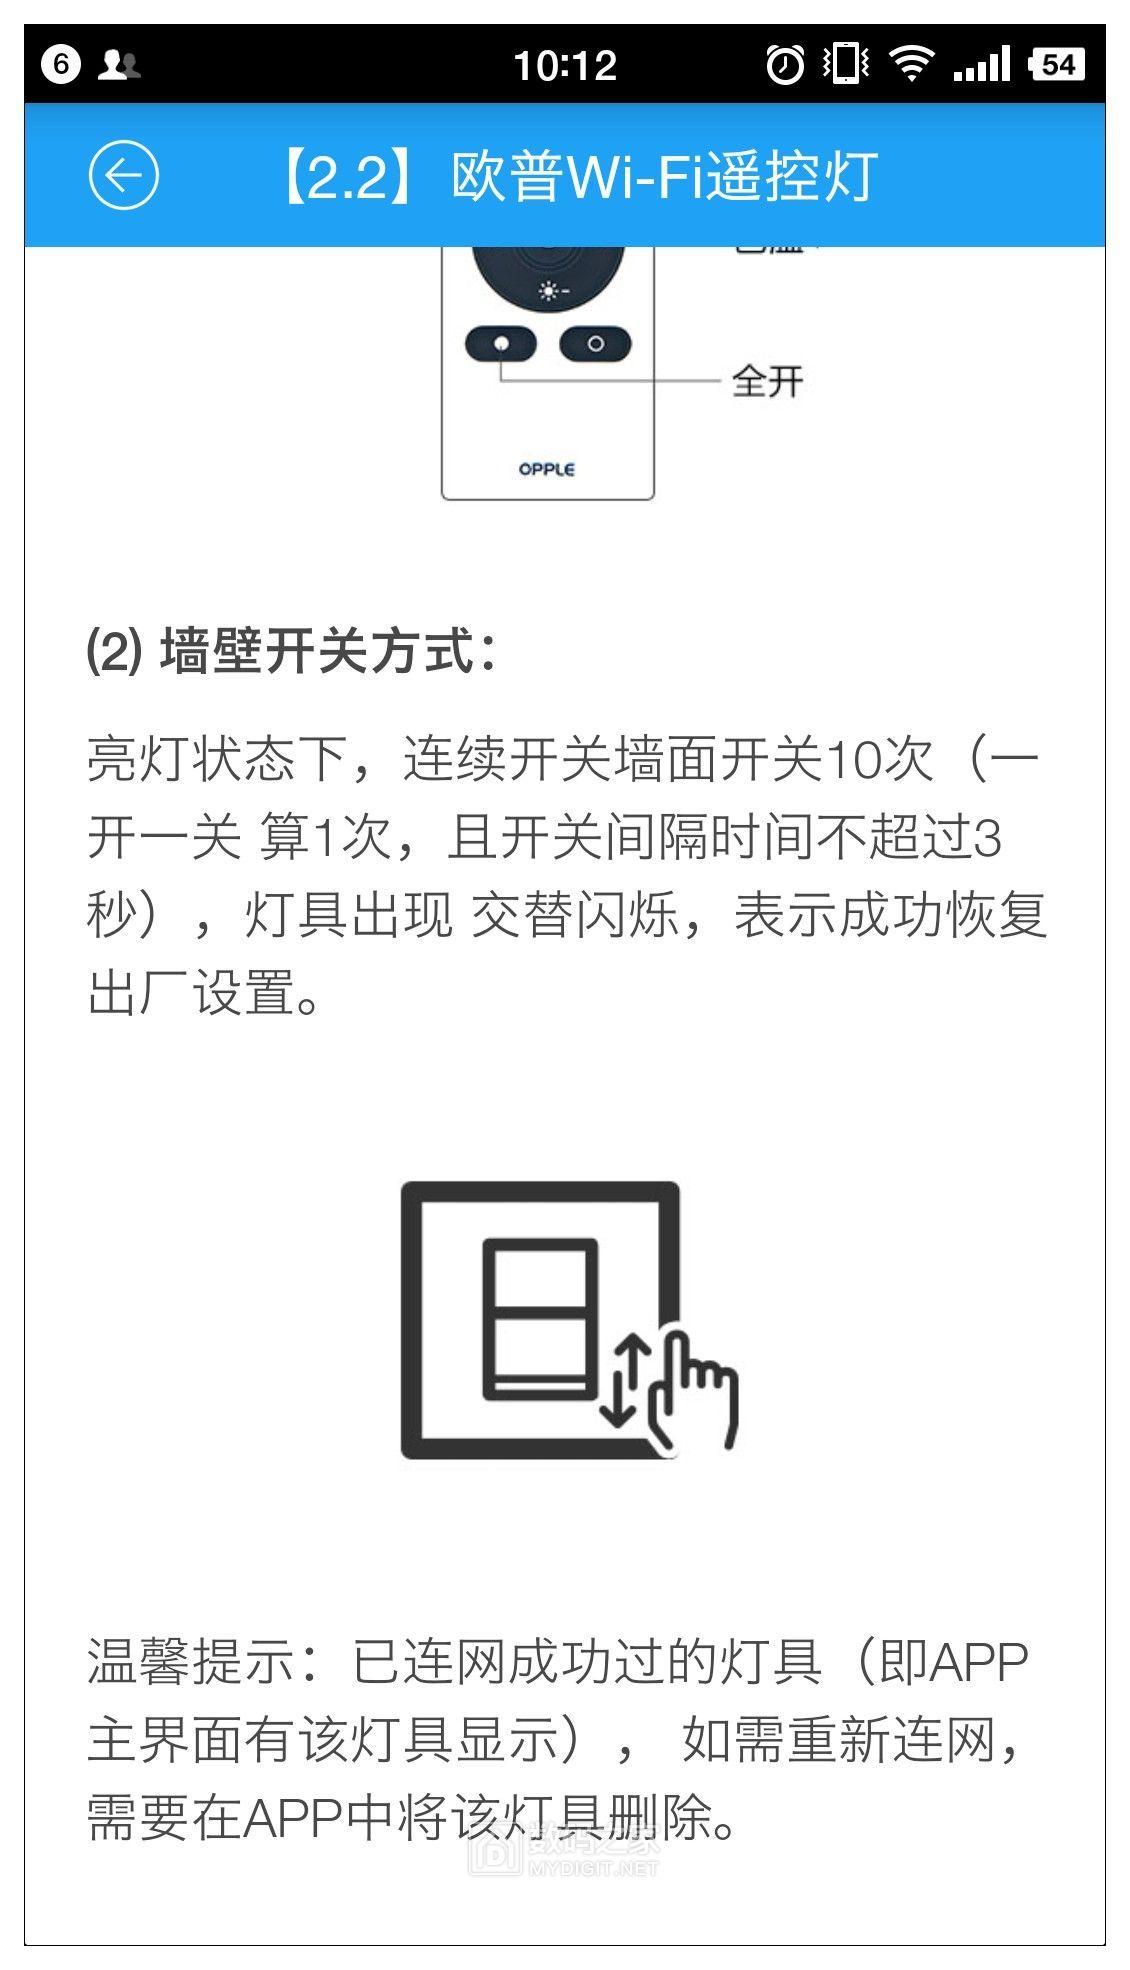 screenshot_2019-08-09-10-12-35-651_欧普智能家庭[1].jpg